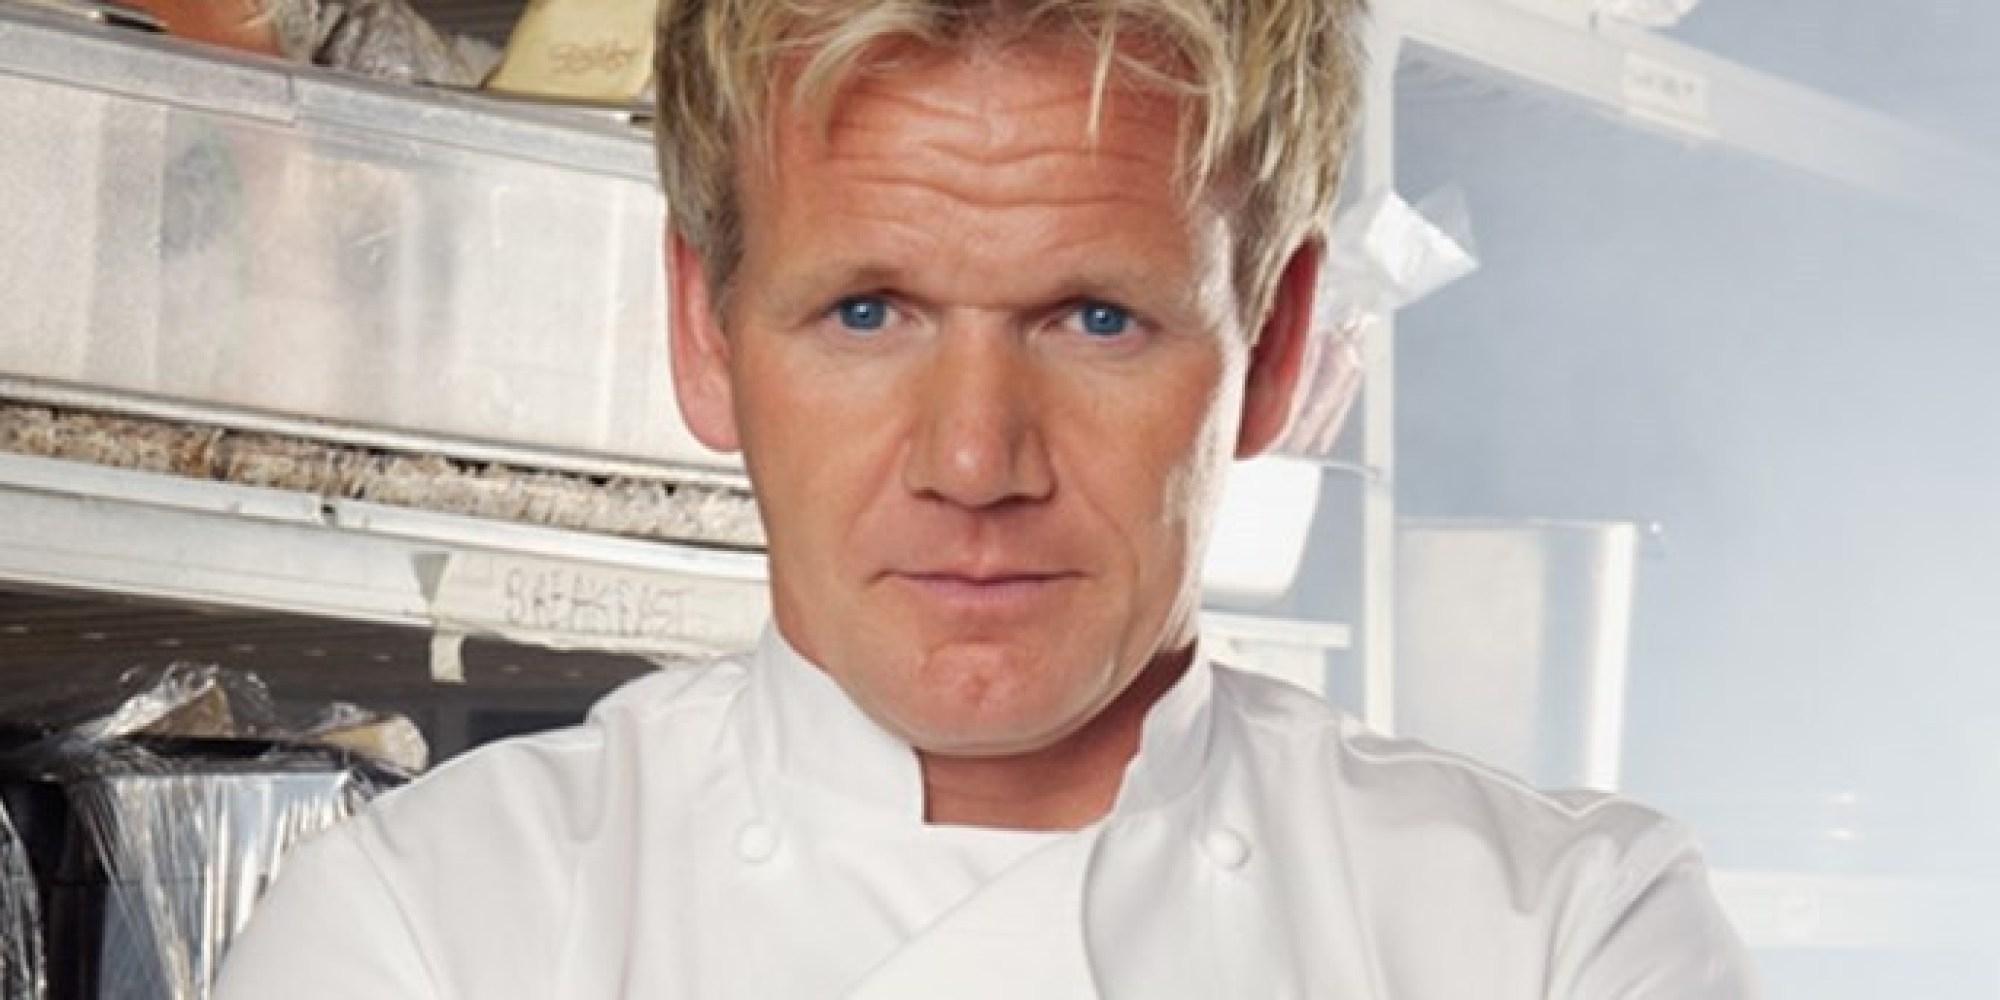 Cauchemar En Cuisine Streaming Philippe Etchebest Inspirant Photos Cauchemard En Cuisine Idées Inspirées Pour La Maison Lexib